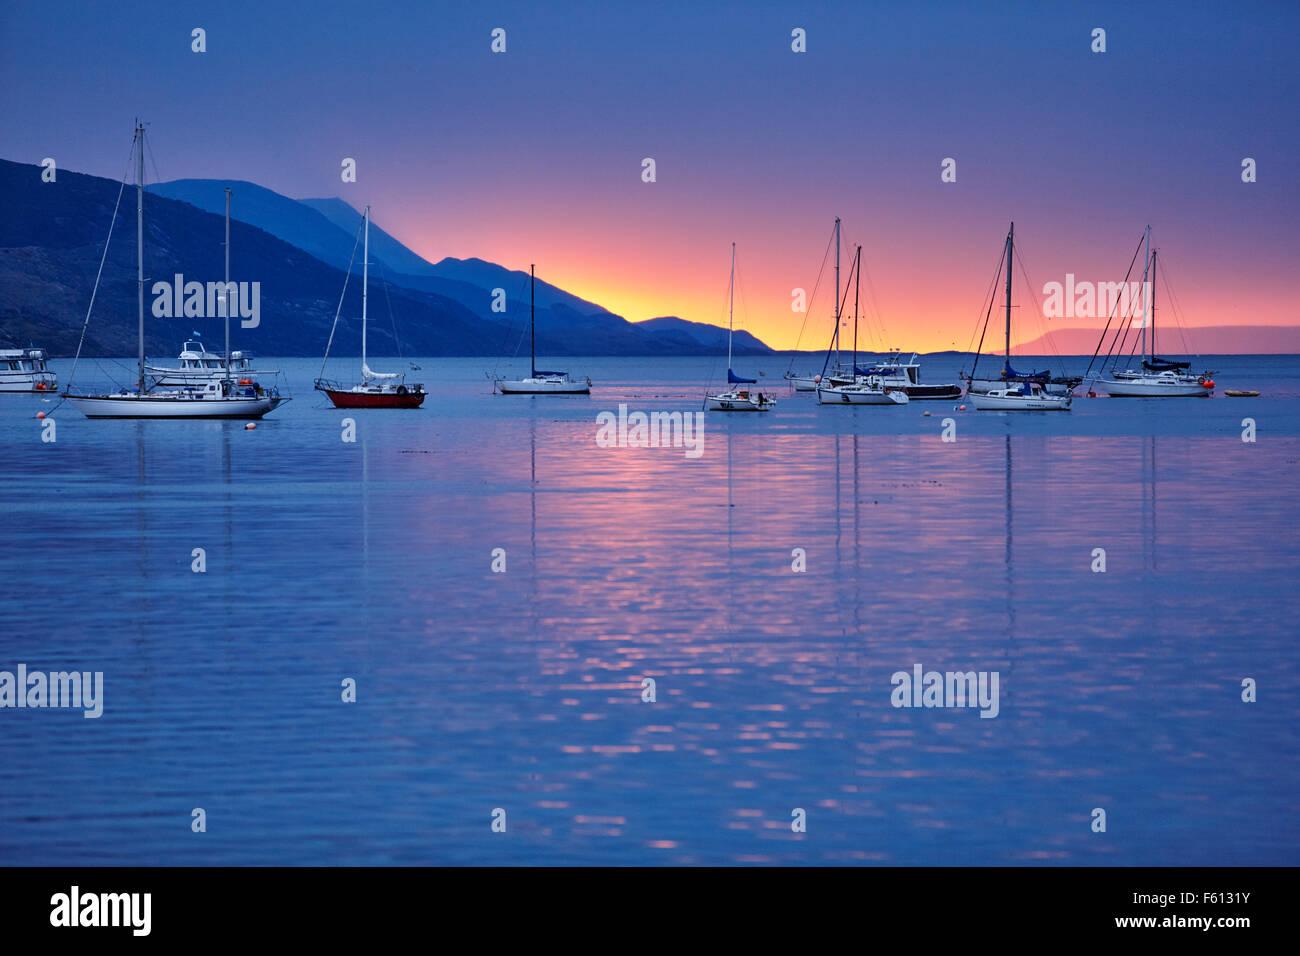 Los barcos de vela en el puerto al atardecer, Ushuaia, Tierra del Fuego, Argentina Imagen De Stock